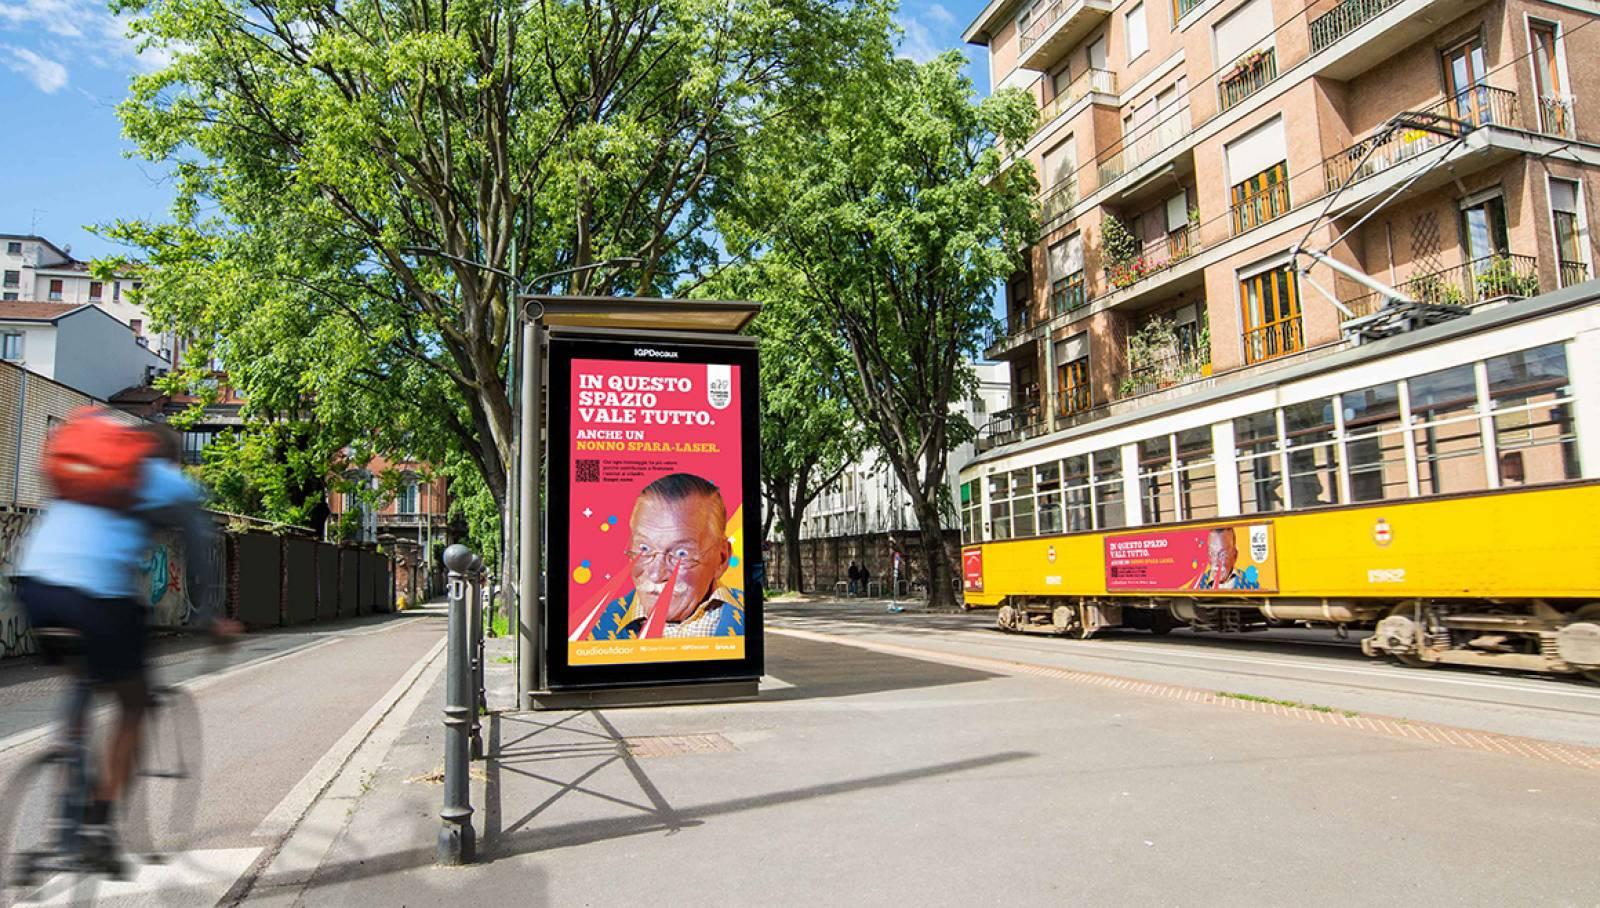 """IGPDecaux Clear Channel IPAS pubblicità per la città campagna """"In questo spazio vale tutto"""" Network Vision a Milano IGPDecaux"""